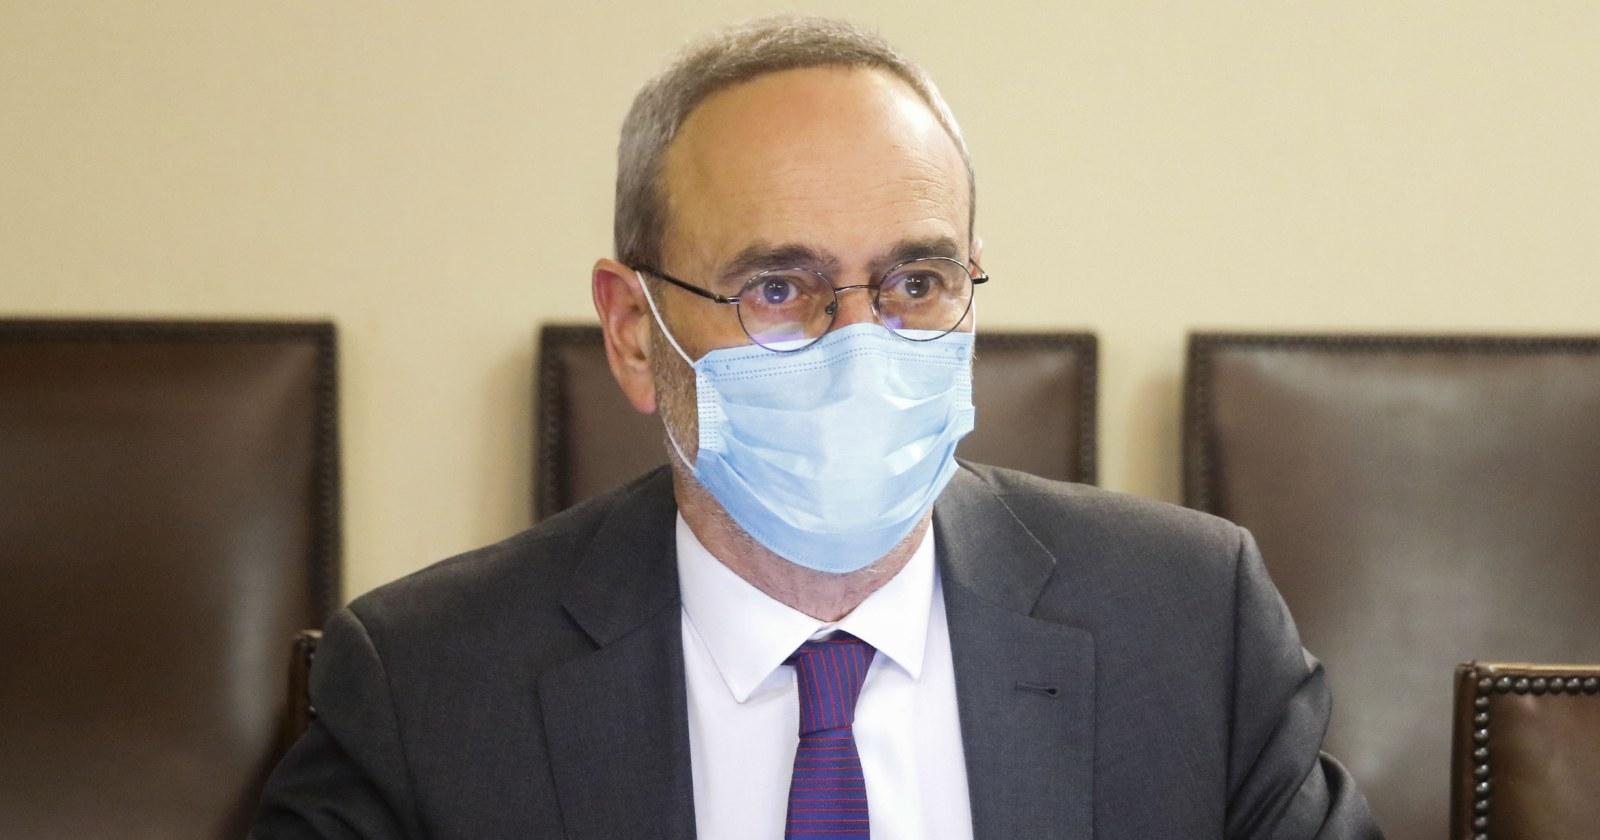 """Diputado Saffirio pide refundar Carabineros: """"Es una policía clasista y racista"""